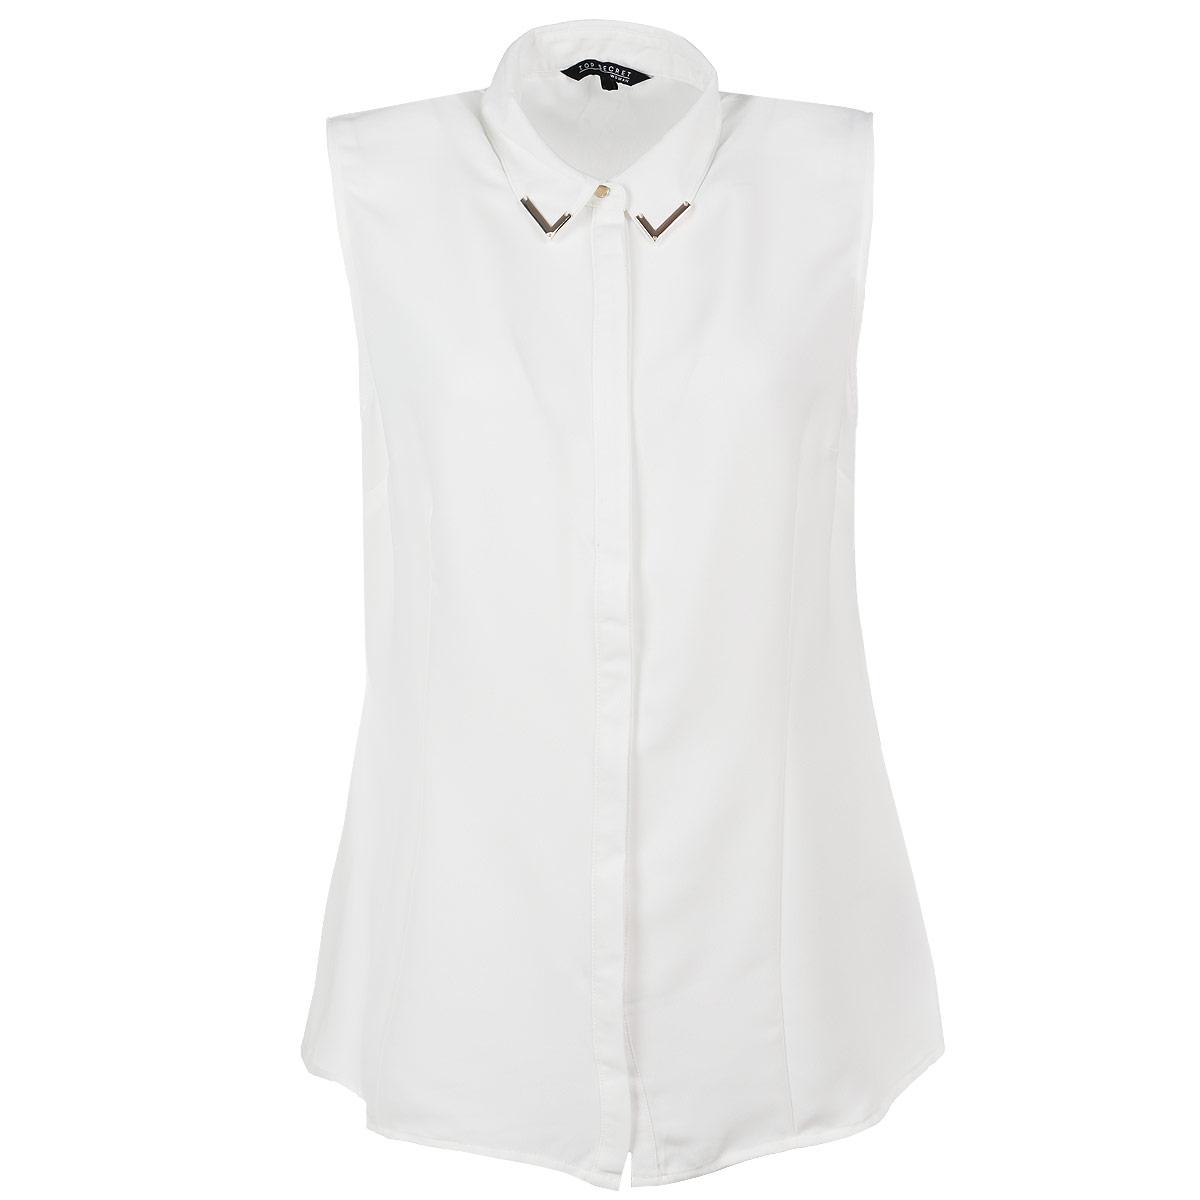 БлузкаSKE0007BIСтильная женская блуза Top Secret, выполненная из высококачественного материала, обладает высокой теплопроводностью, воздухопроницаемостью и гигроскопичностью, позволяет коже дышать, тем самым обеспечивая наибольший комфорт при носке. Блуза прямого кроя без рукавов, с отложным воротником застегивается на пуговицы. Уголки отложного воротника дополнены декоративными металлическими накладками. Такая блузка будет дарить вам комфорт в течение всего дня и послужит замечательным дополнением к вашему гардеробу.